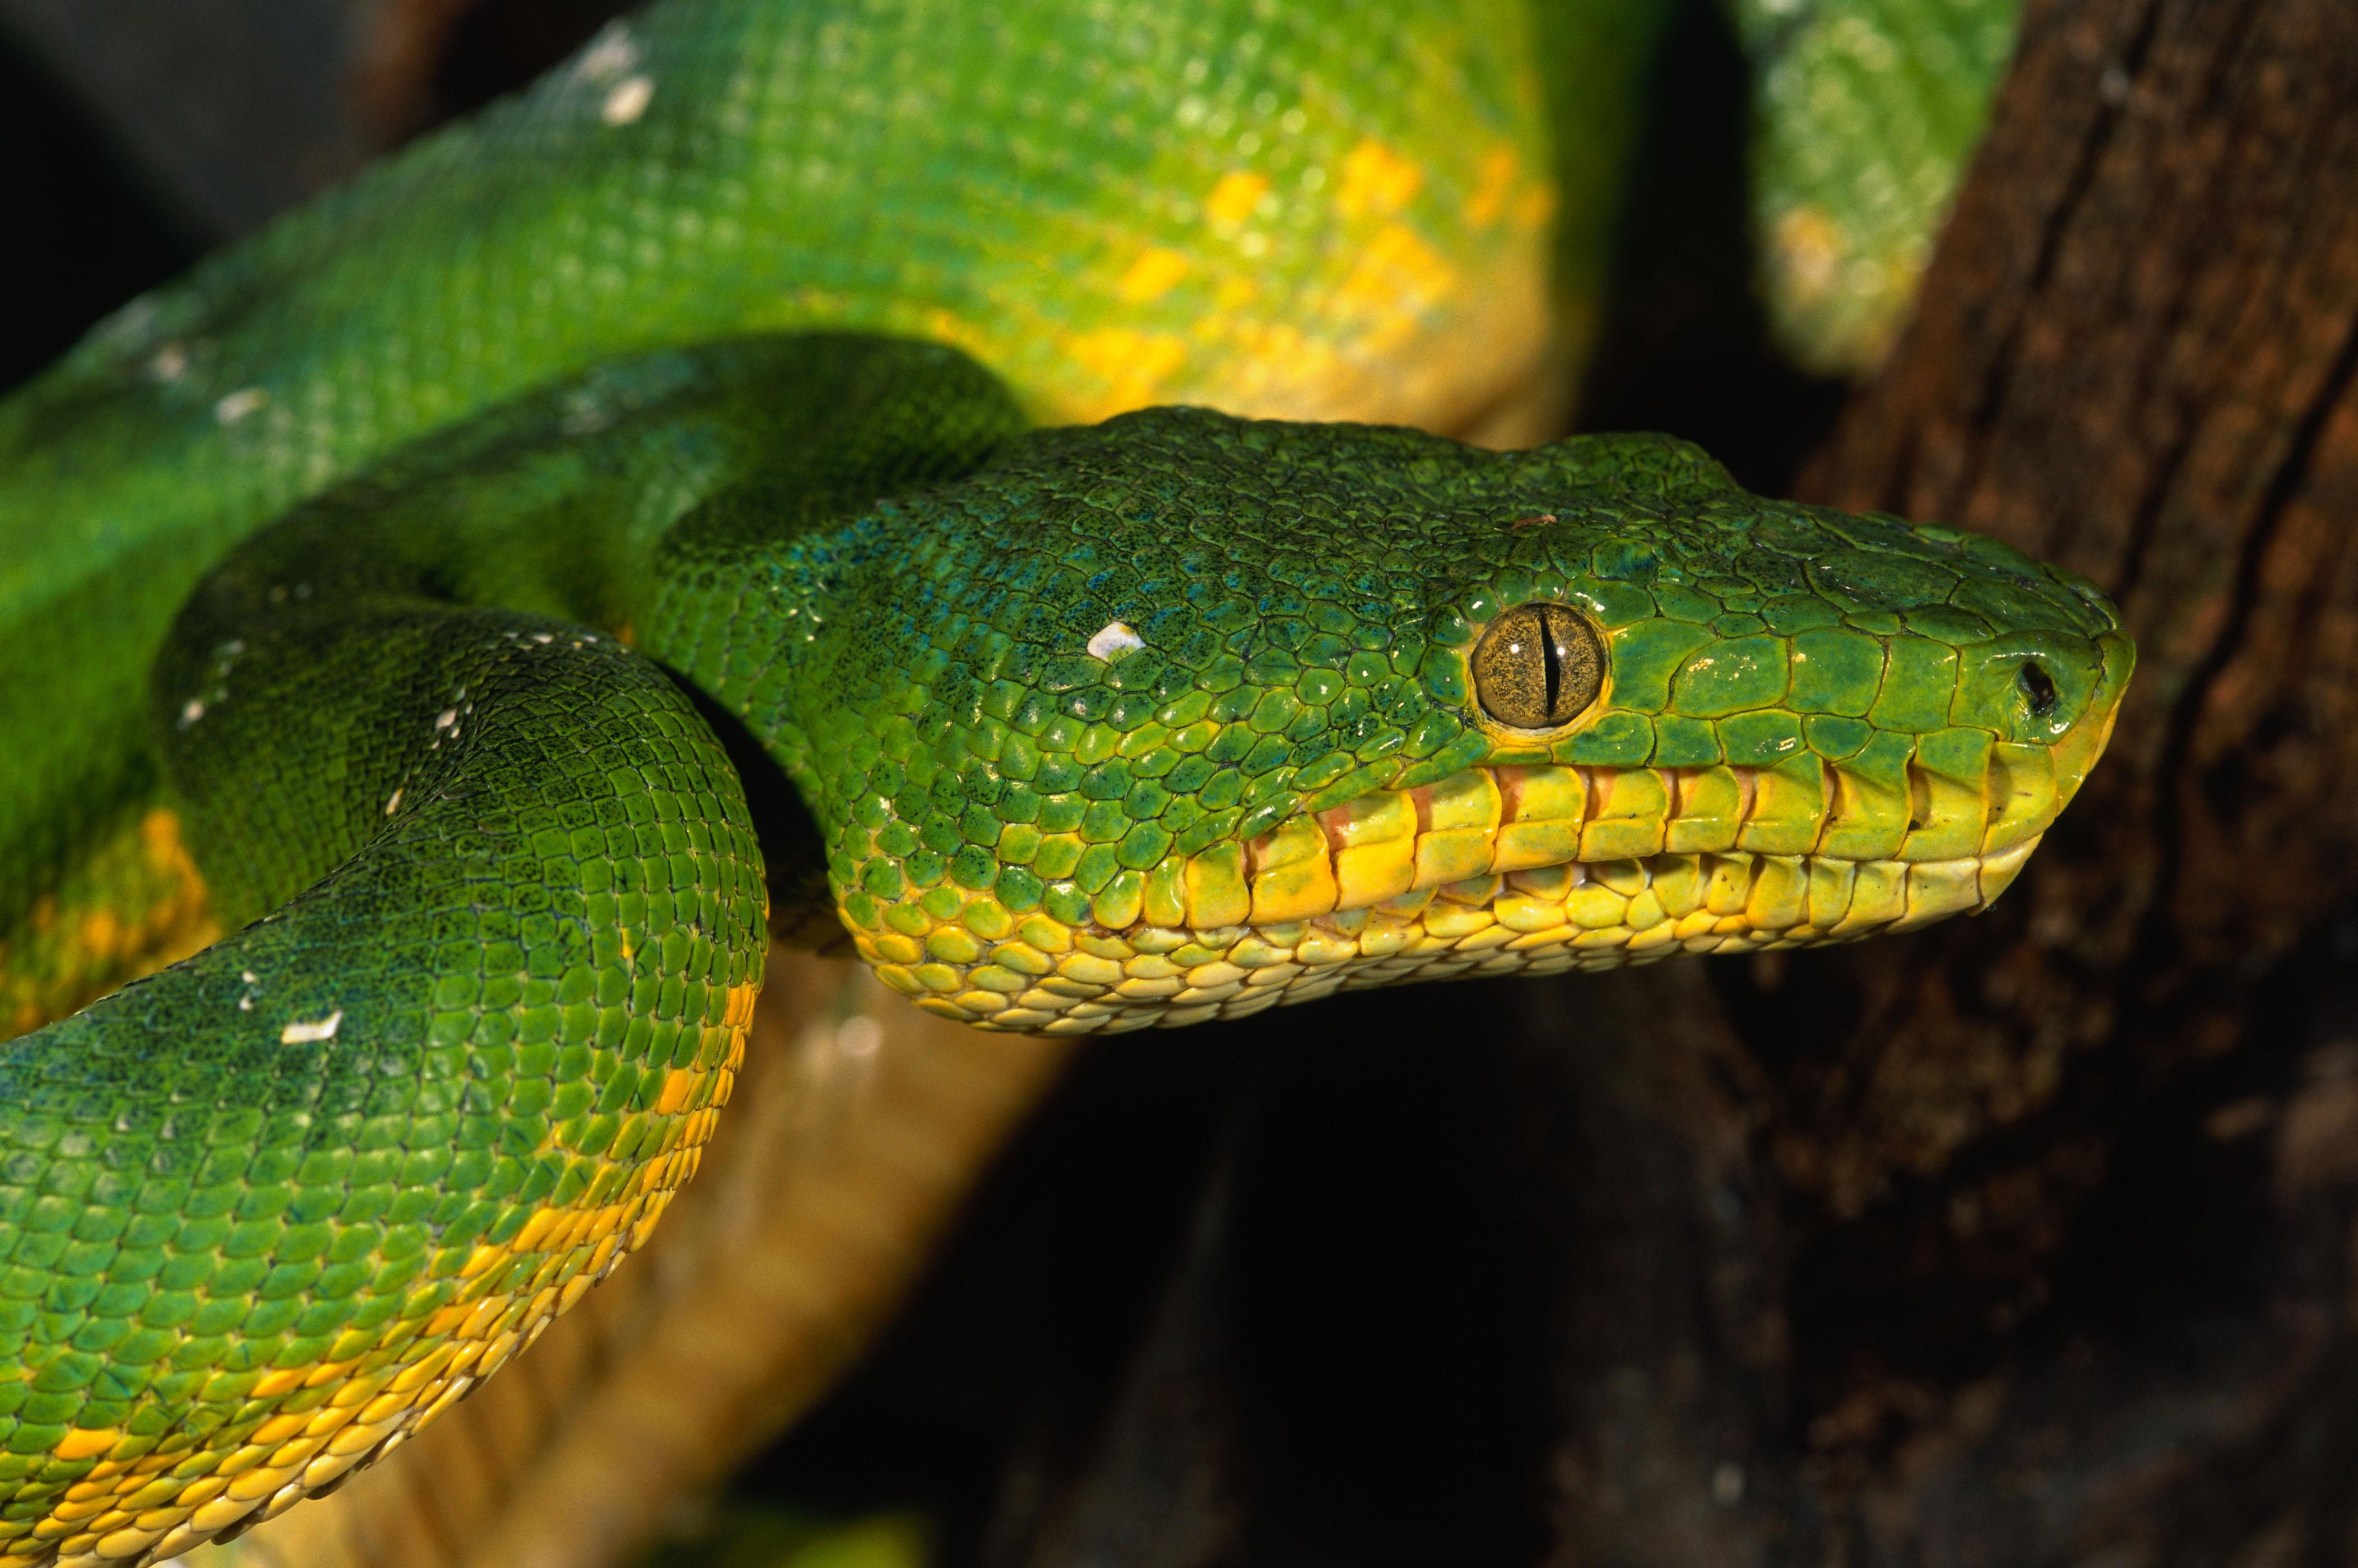 Green snake eyes scales wallpaper   ForWallpapercom 4208x2799